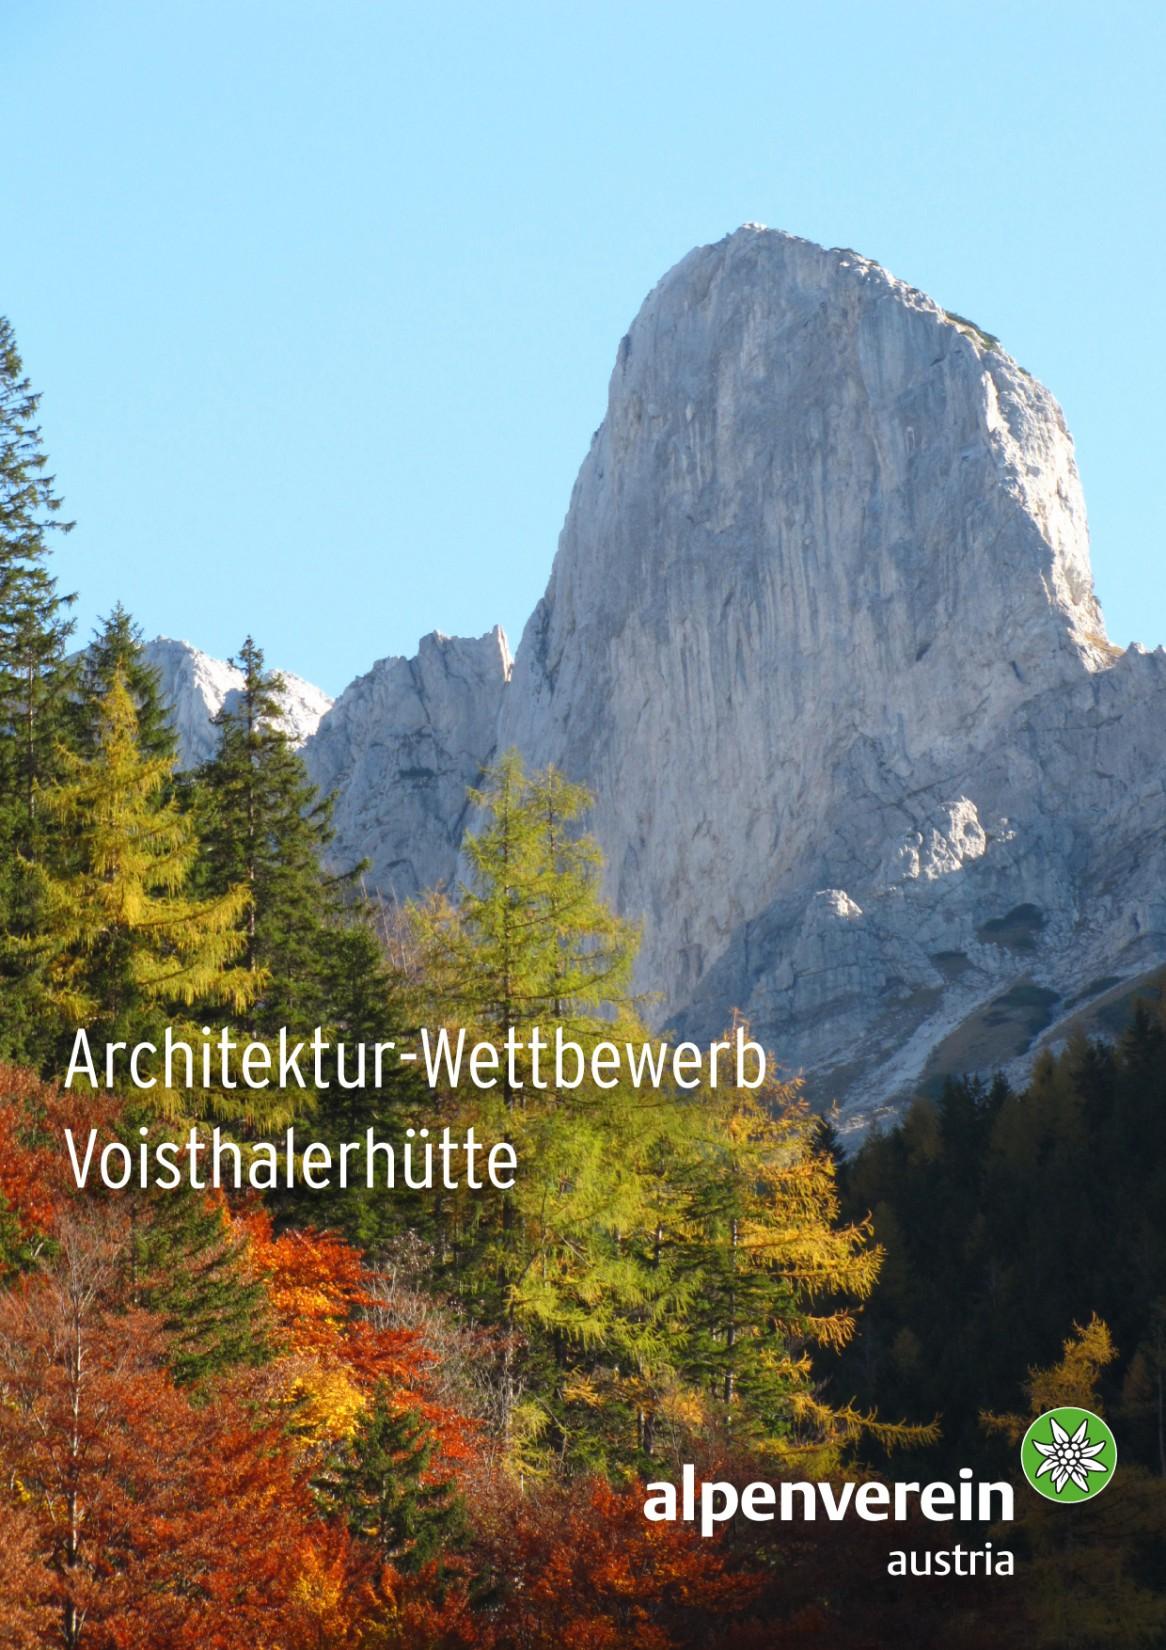 Architekturwettbewerb Voisthalerhütte